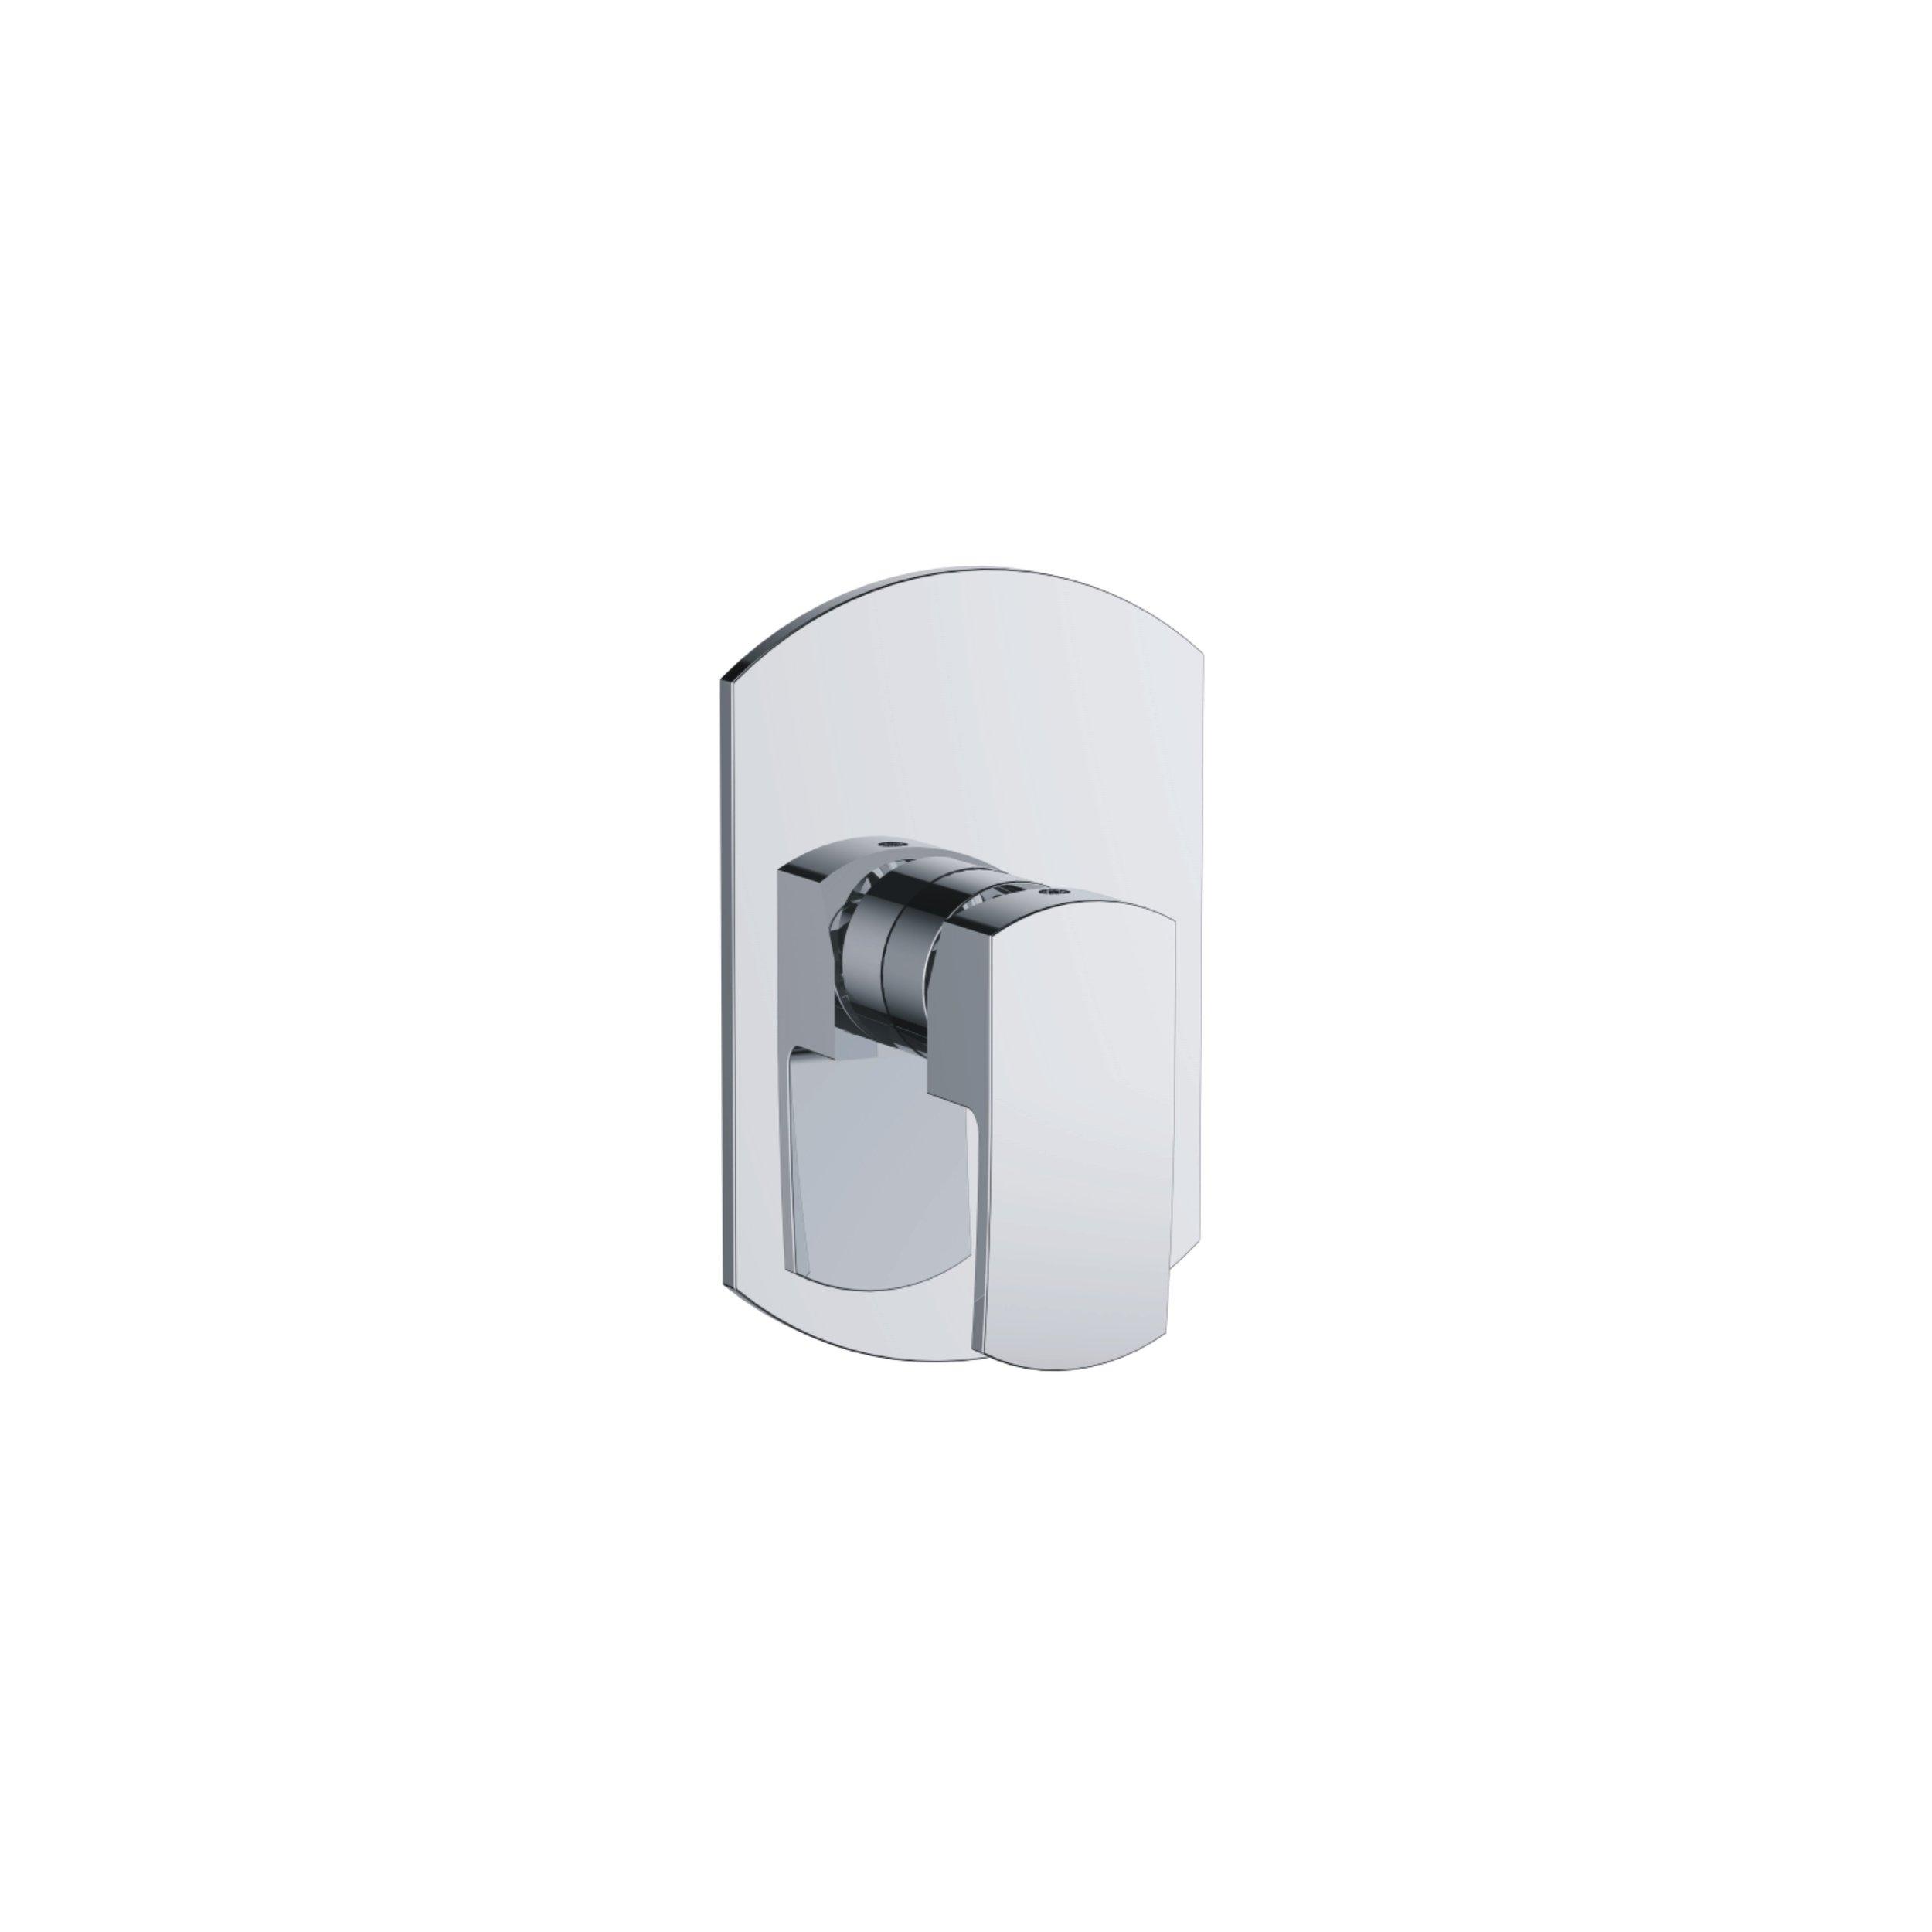 735-109: Concealed shower valve